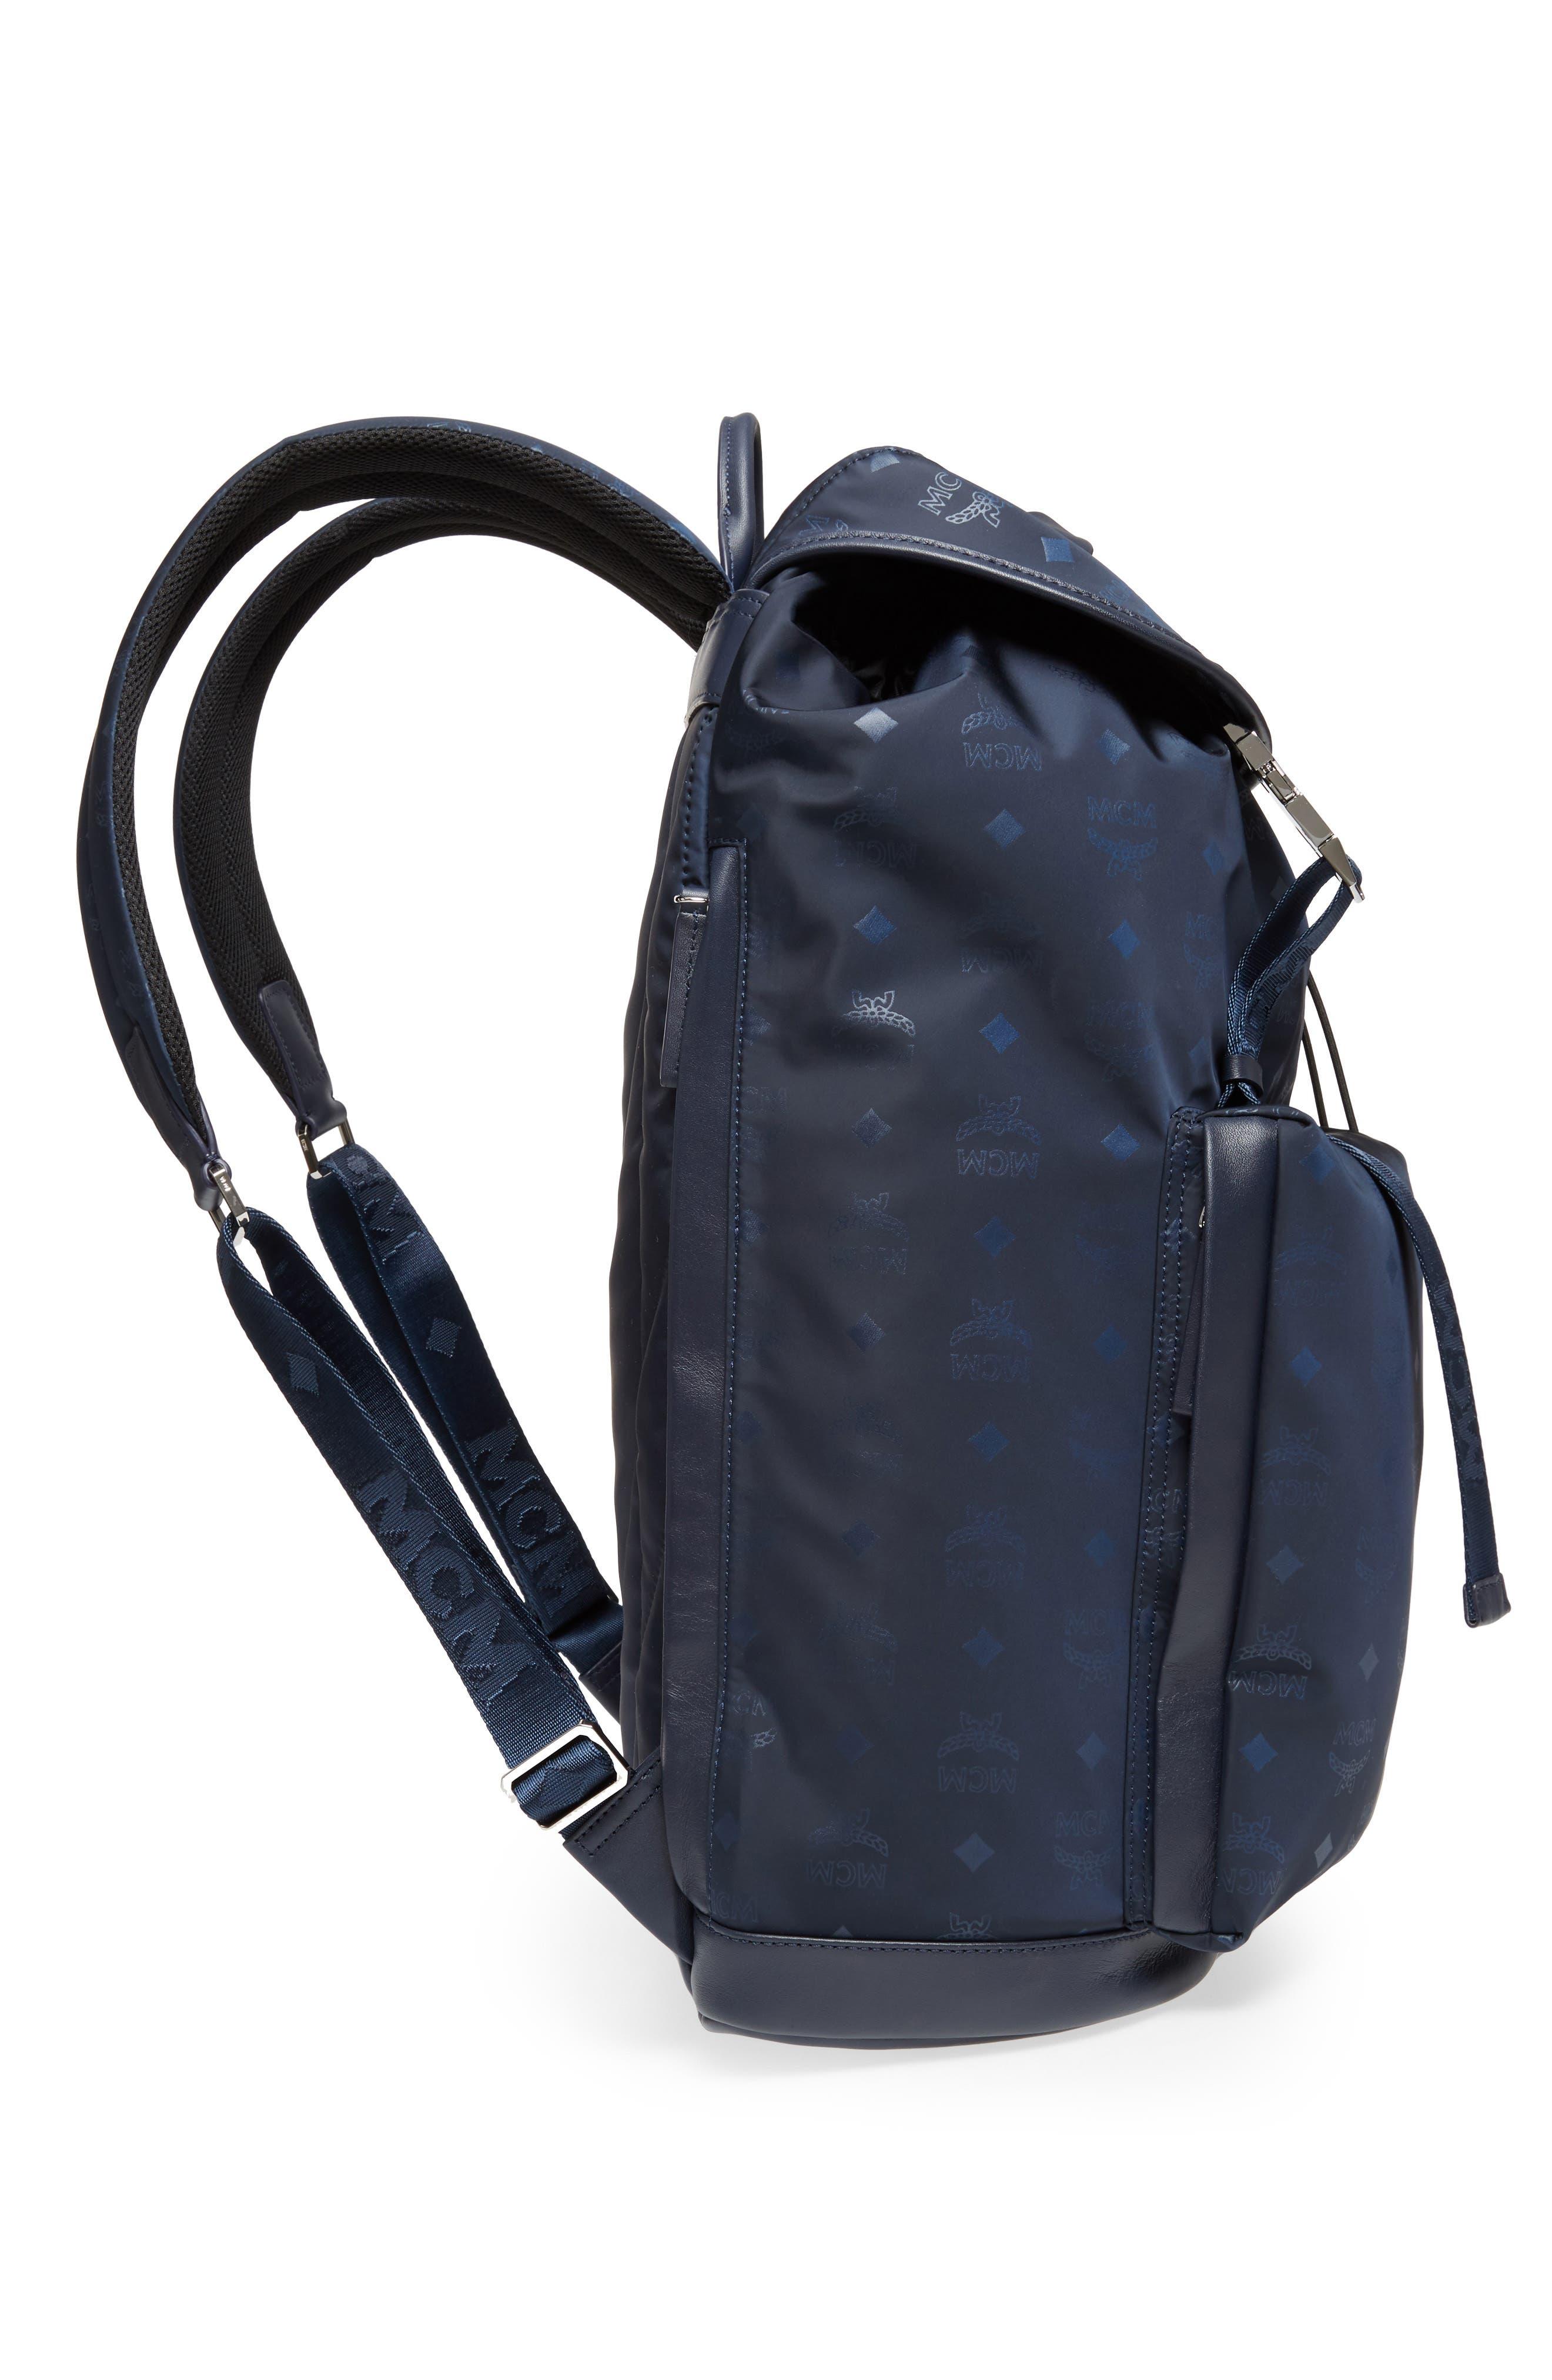 Dieter Backpack,                             Alternate thumbnail 5, color,                             NAVY BLUE